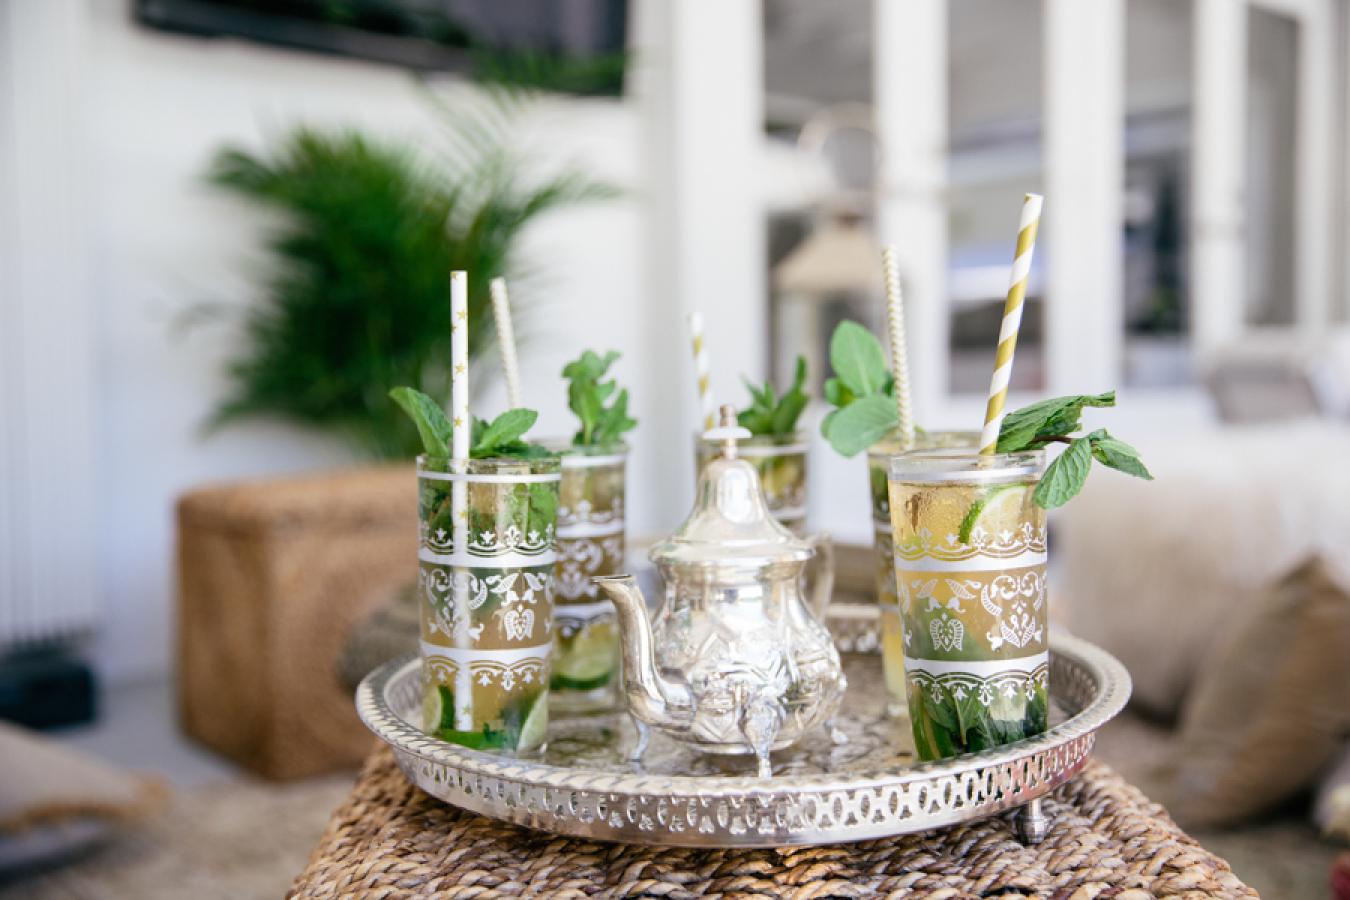 Arredare Casa Stile Marocco design] arredare con stile: il marocco a casa tua - sposami